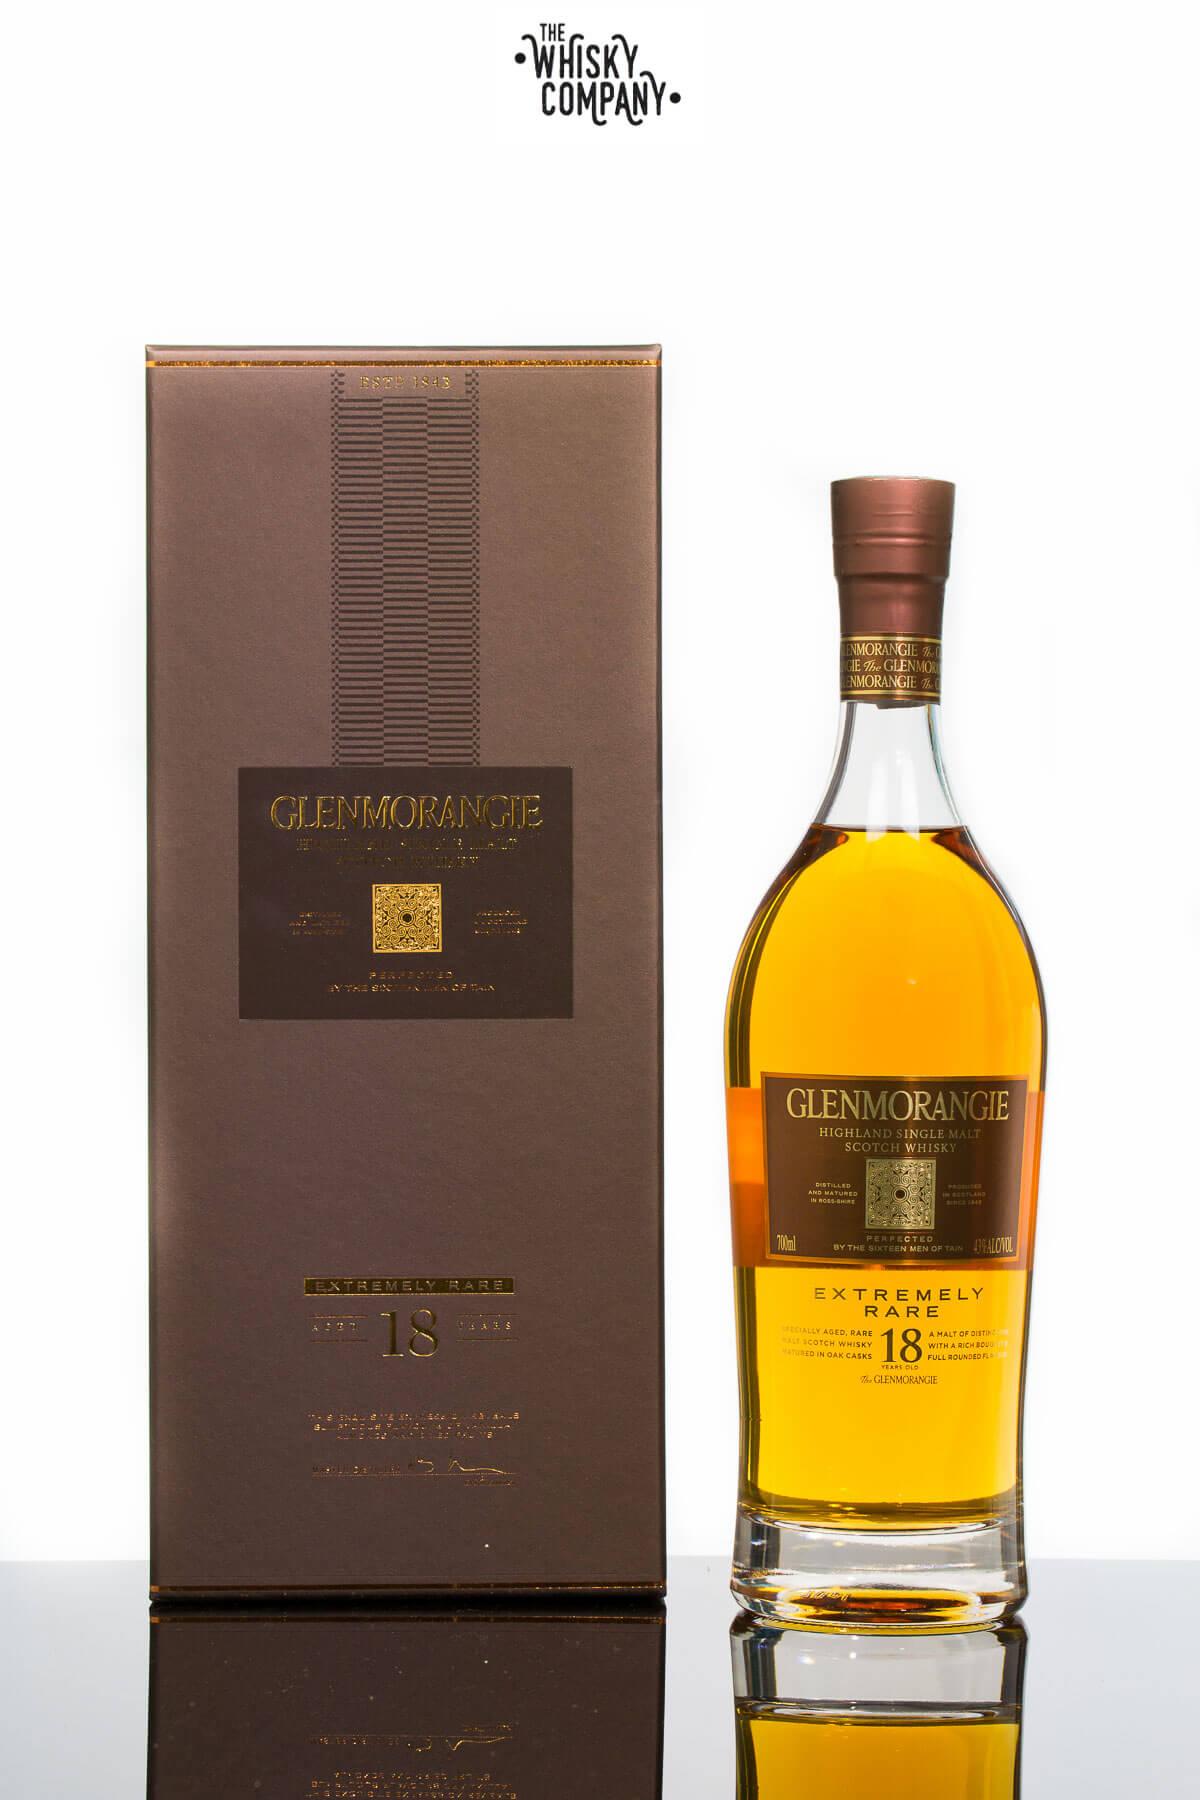 Glenmorangie 18 Year Old Extremely Rare Highland Single Malt Scotch Whisky (700ml)